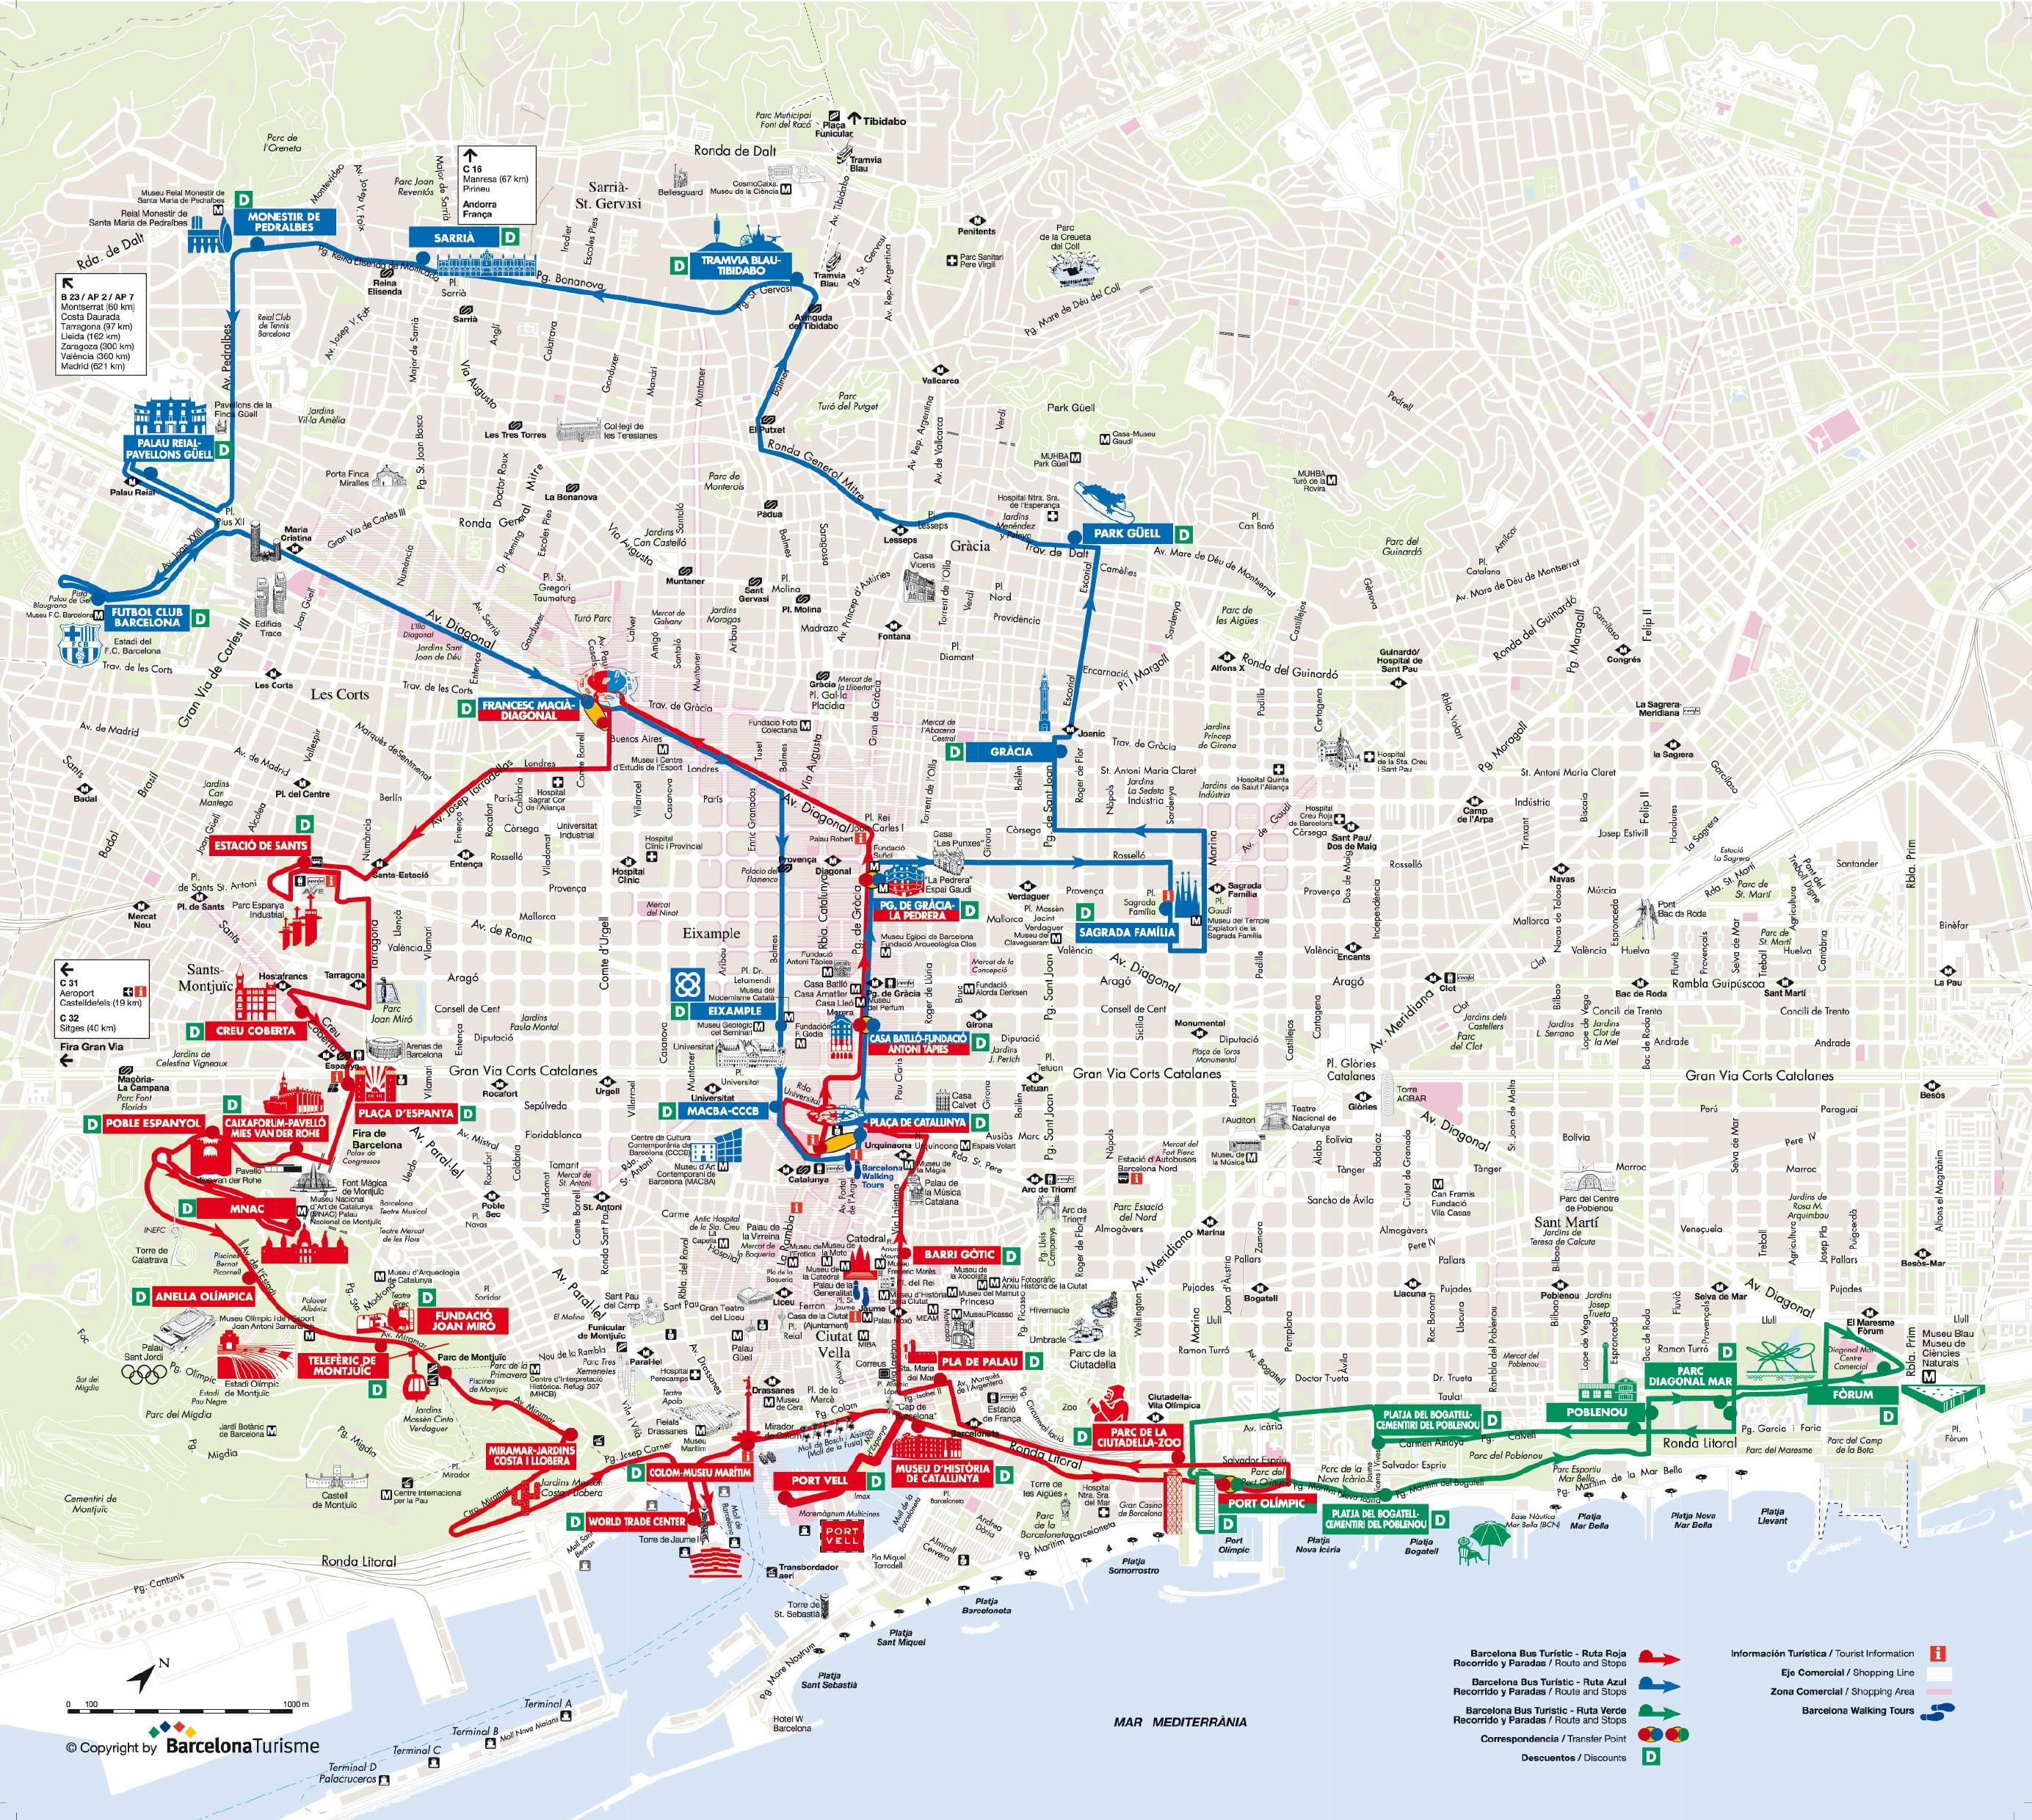 Cartina Quartieri Barcellona.Mappa E Cartina Turistica Di Barcellona Monumenti E Tour